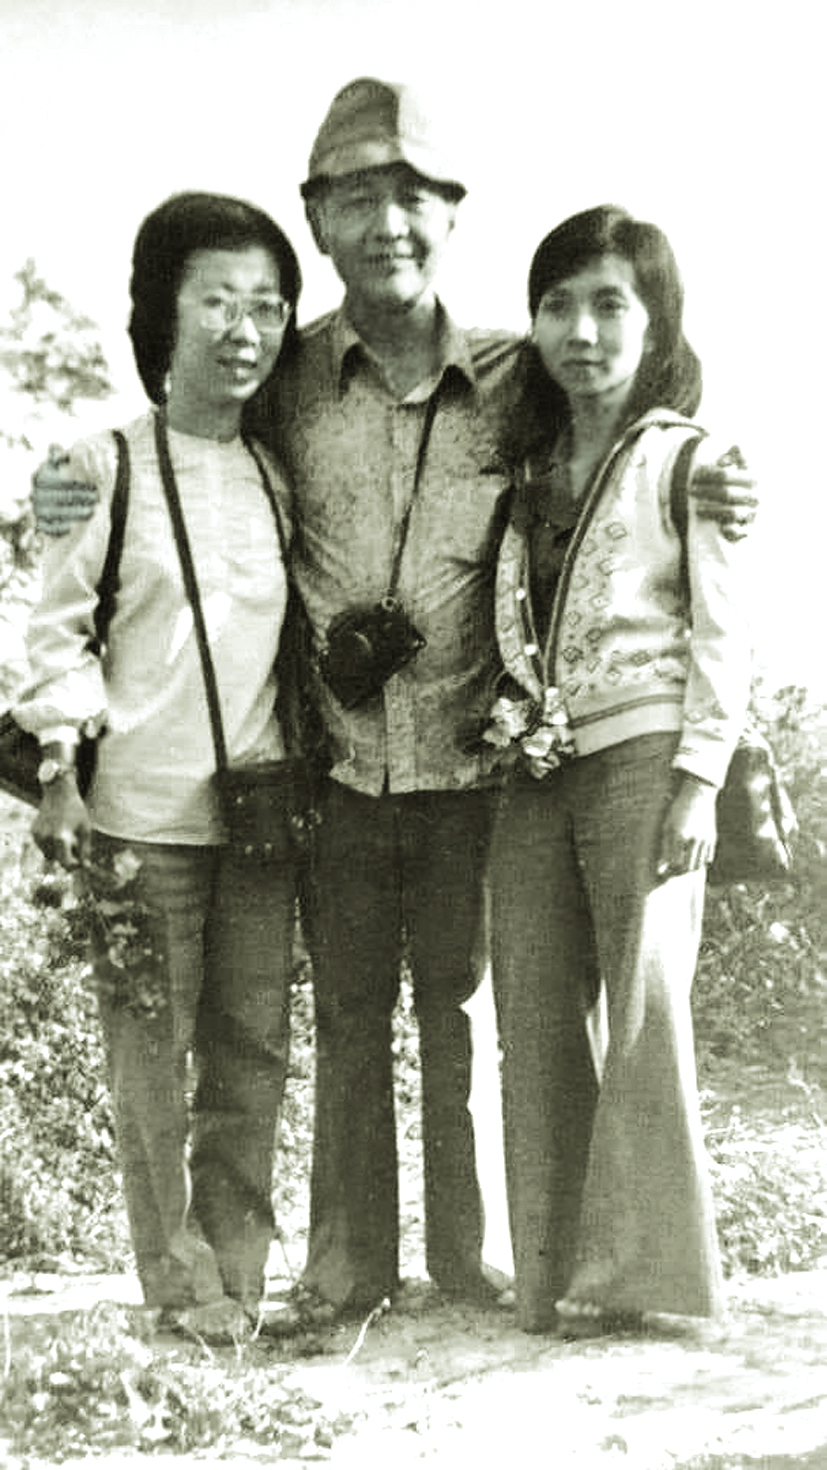 Phóng viên Bạch Mai (bìa trái) trong chuyến công tác ở Mặt trận 479, Campuchia, năm 1980